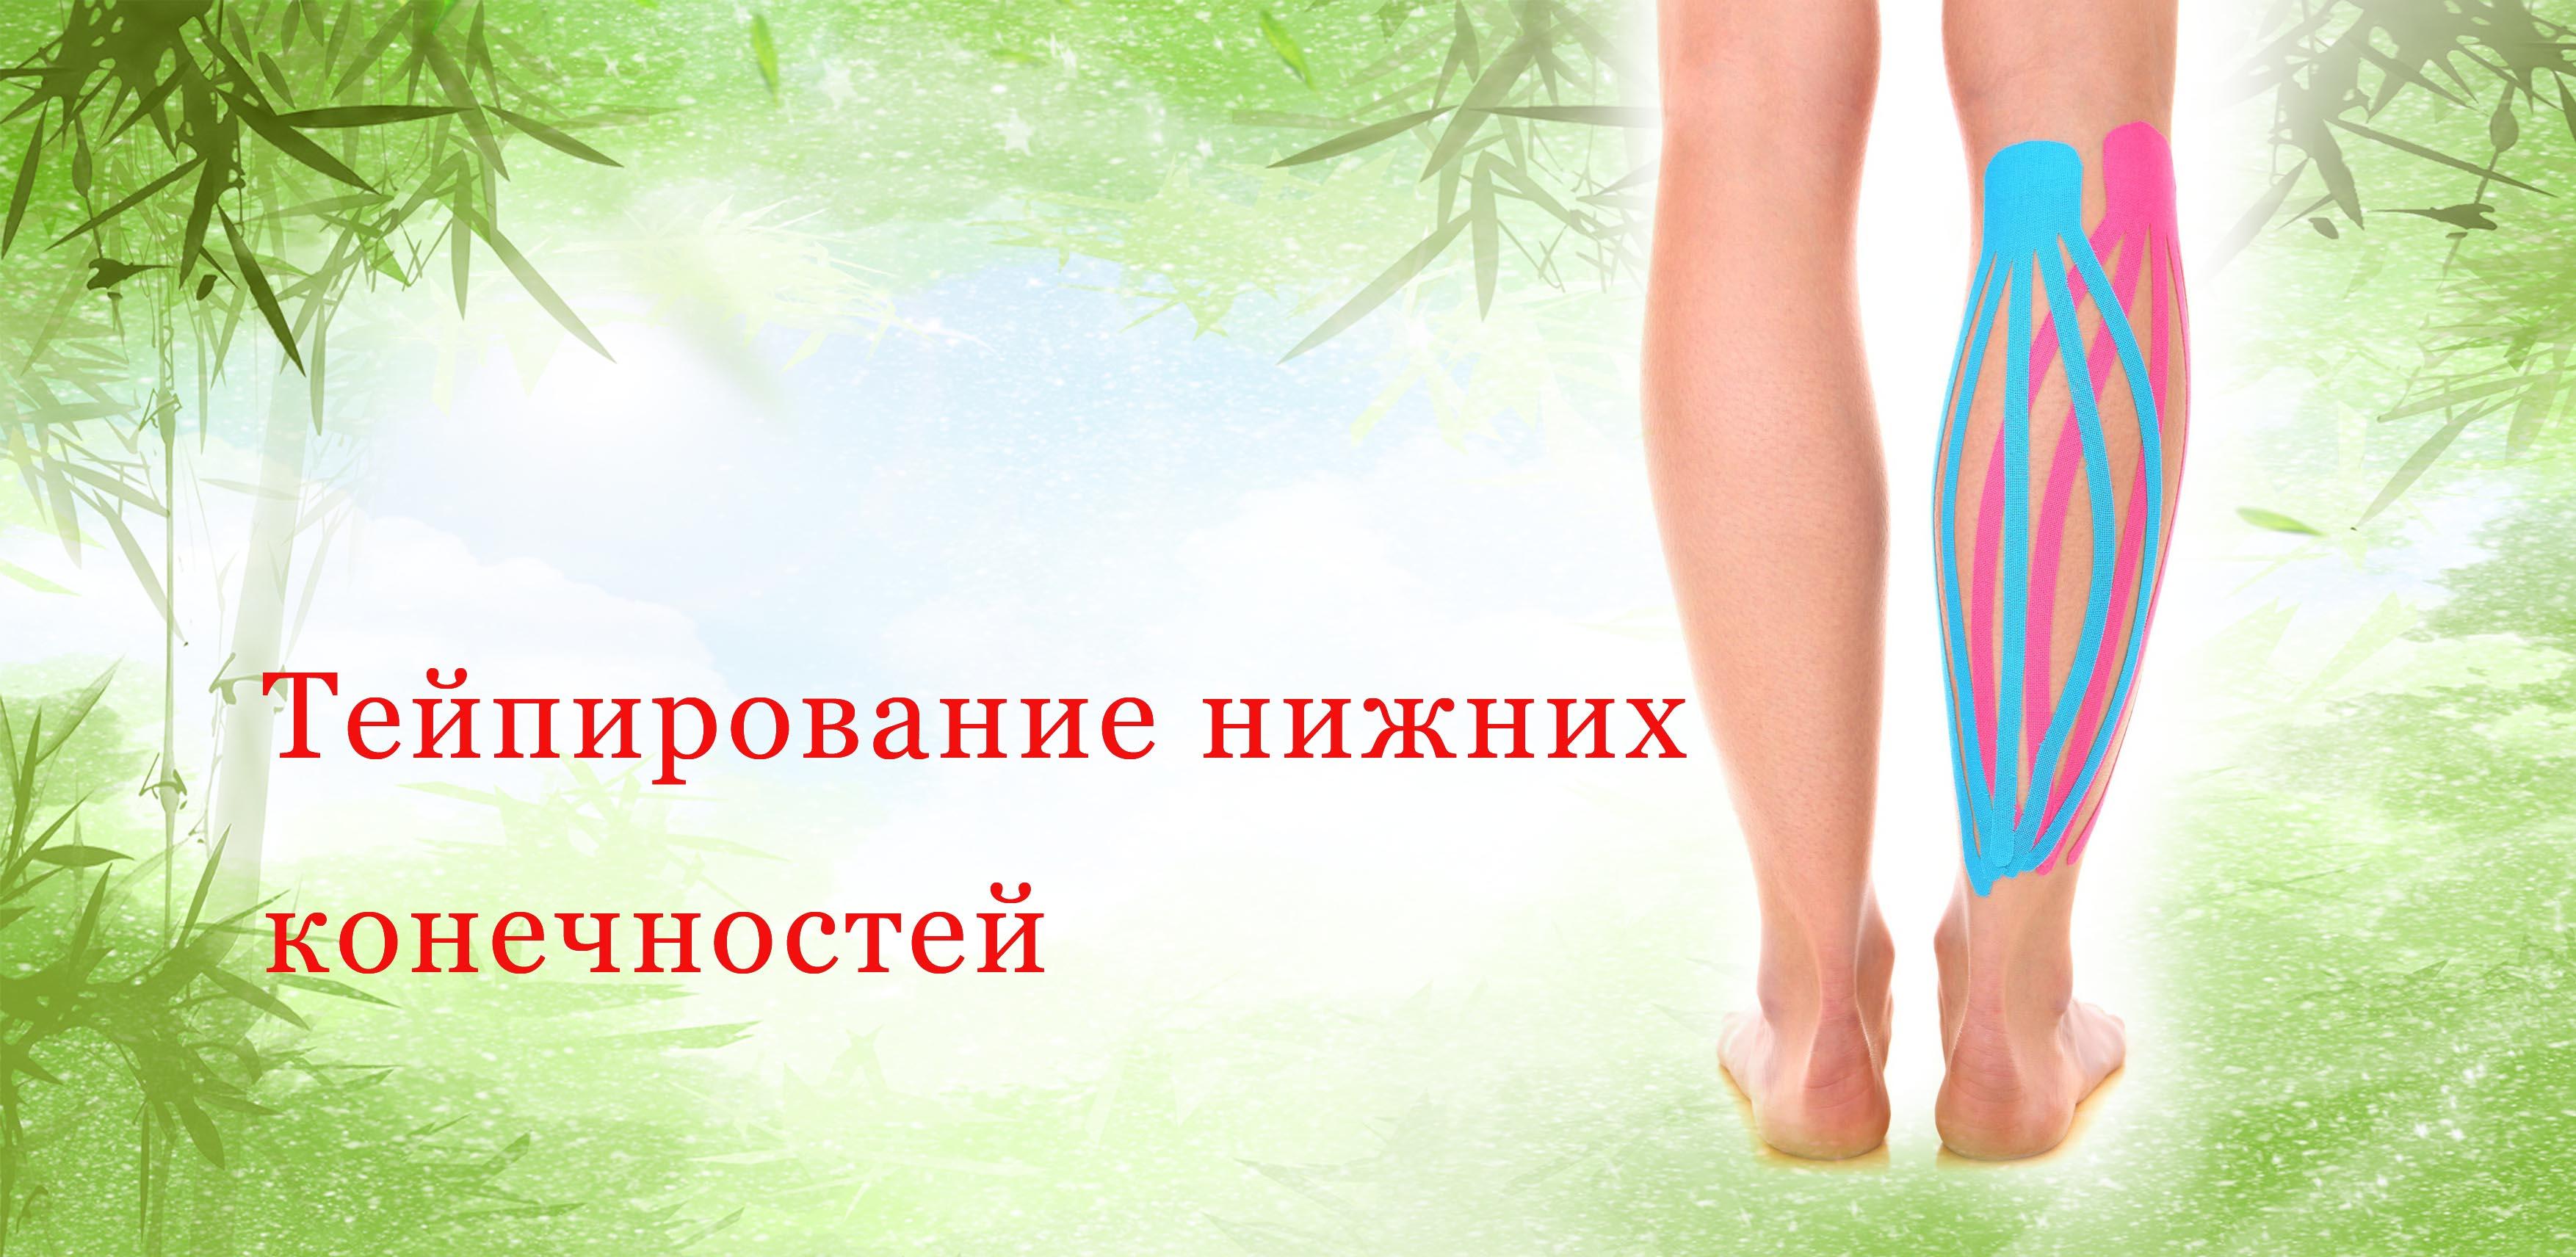 Тейпирование нижних конечностей в работе массажистов и подологов при различных деформациях стопы